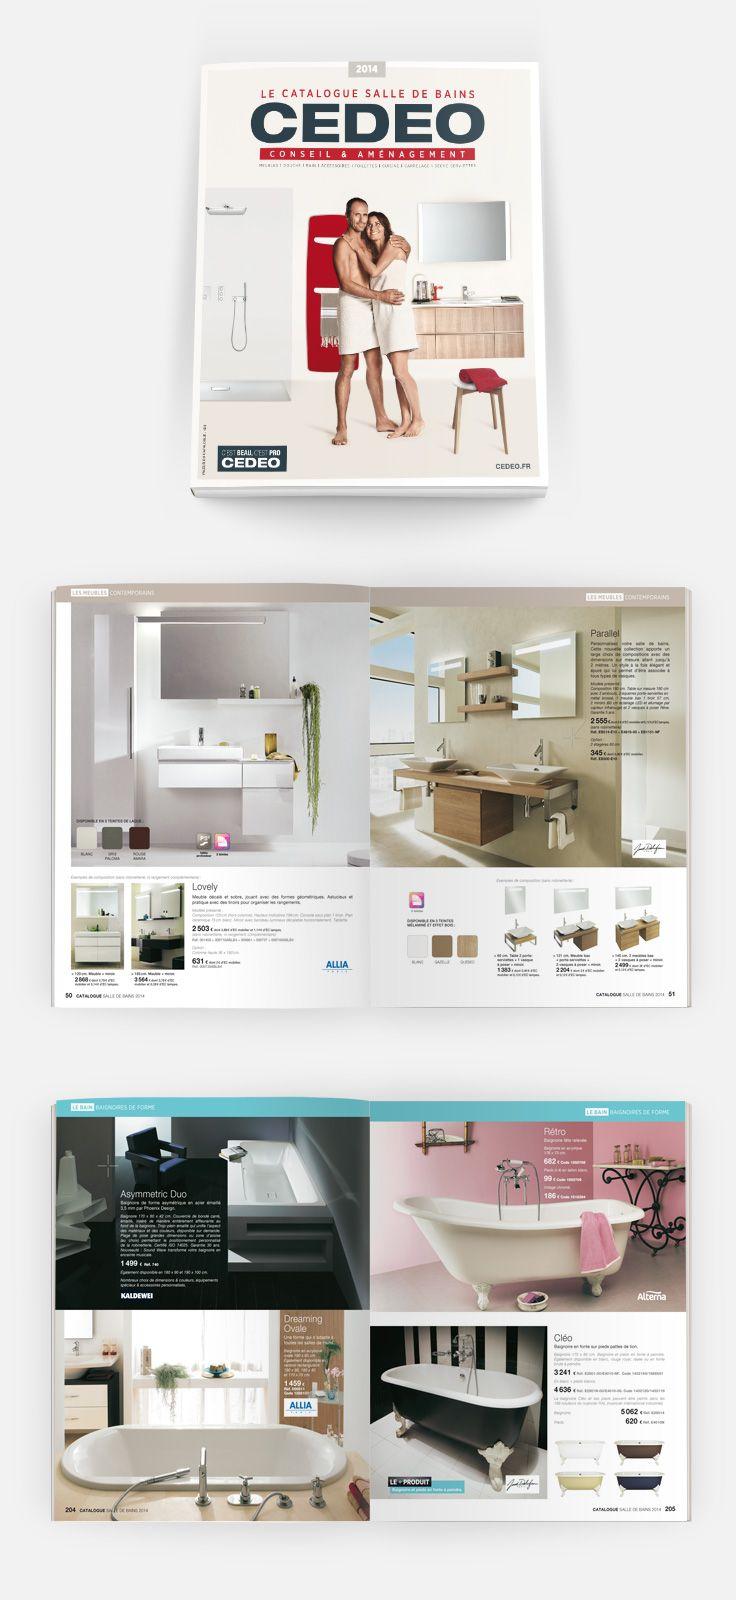 Cedeo catalogue salle de bains id es de - Catalogue salle de bain ...